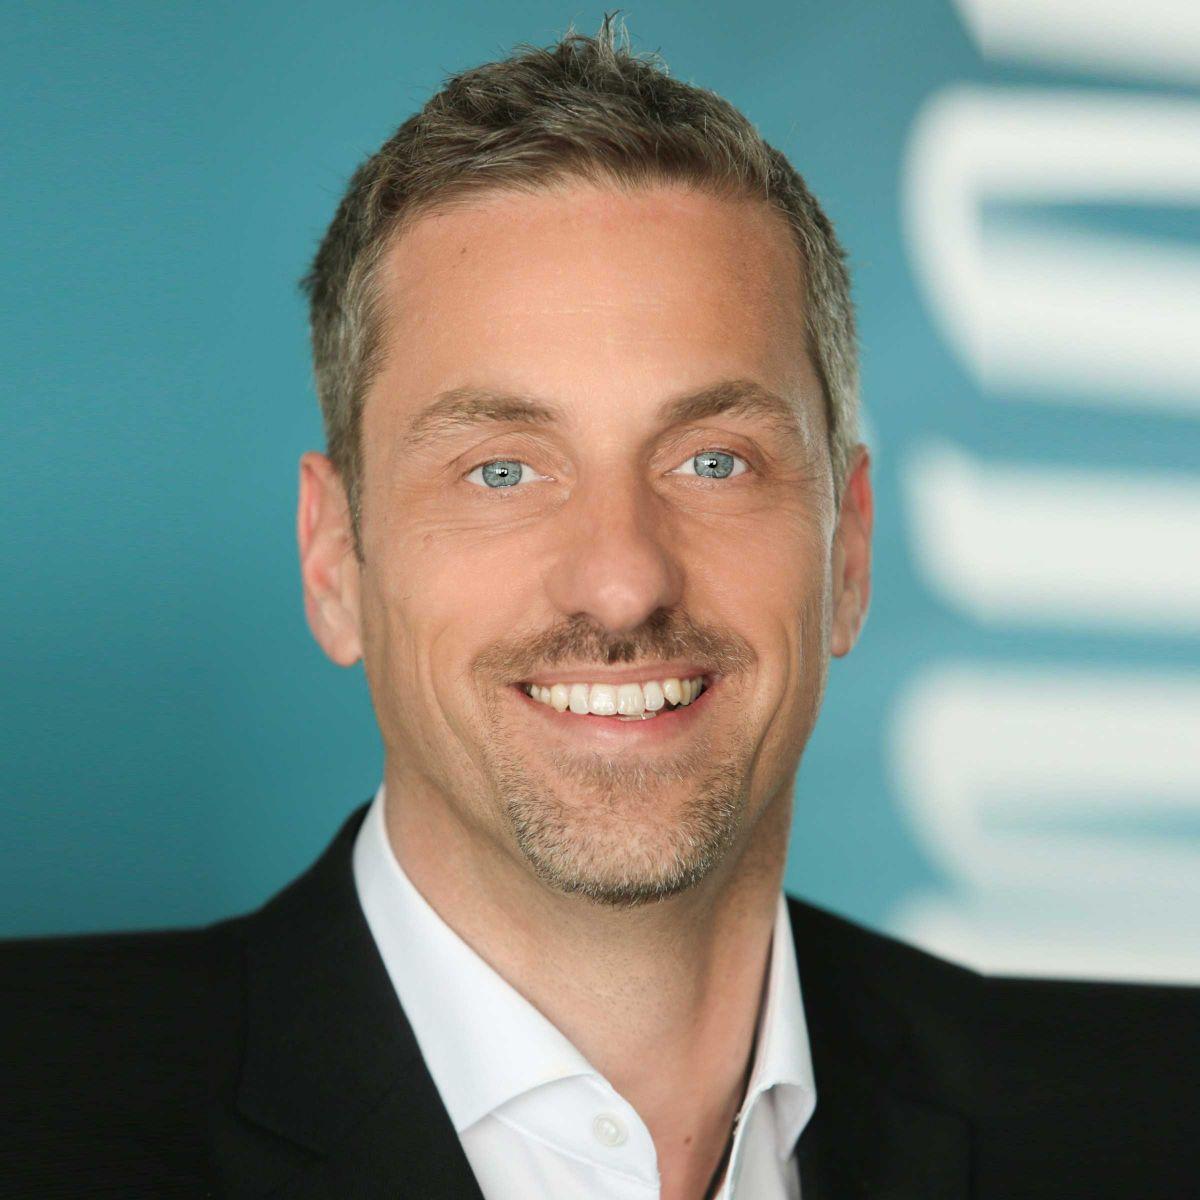 Tom Gufler